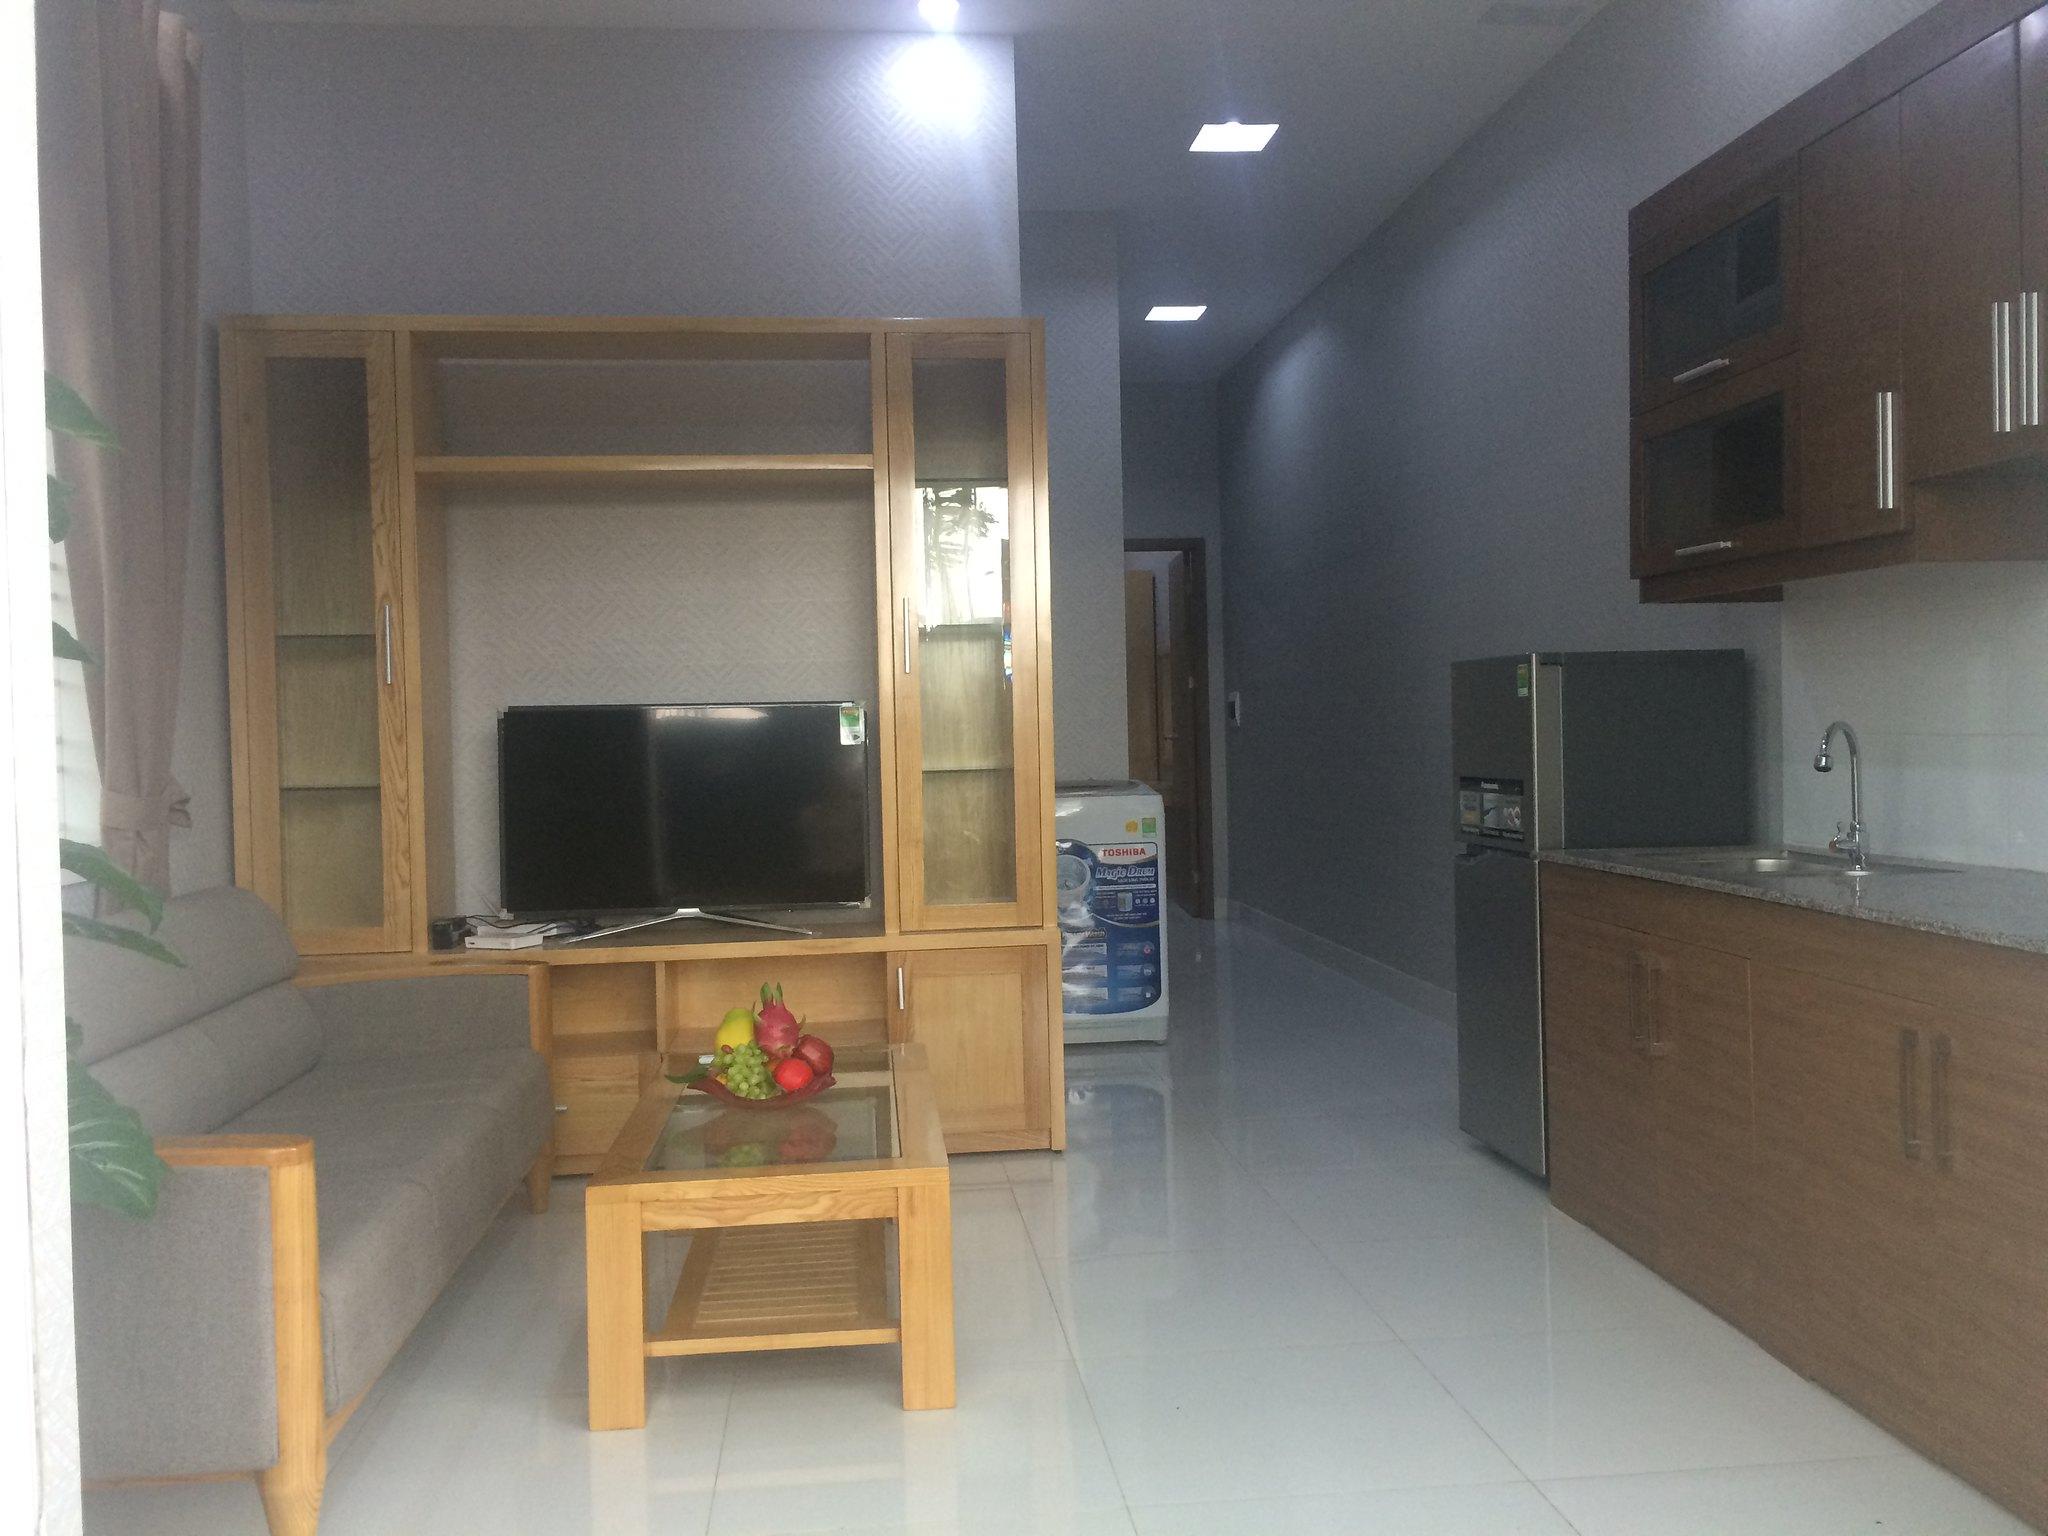 """Bán nhà tại Golden Land An Đồng -Thiết kế nội thất Golden Land  <img src=""""images/"""" width="""""""" height="""""""" alt=""""Công ty Bất Động Sản Tanlong Land"""">"""